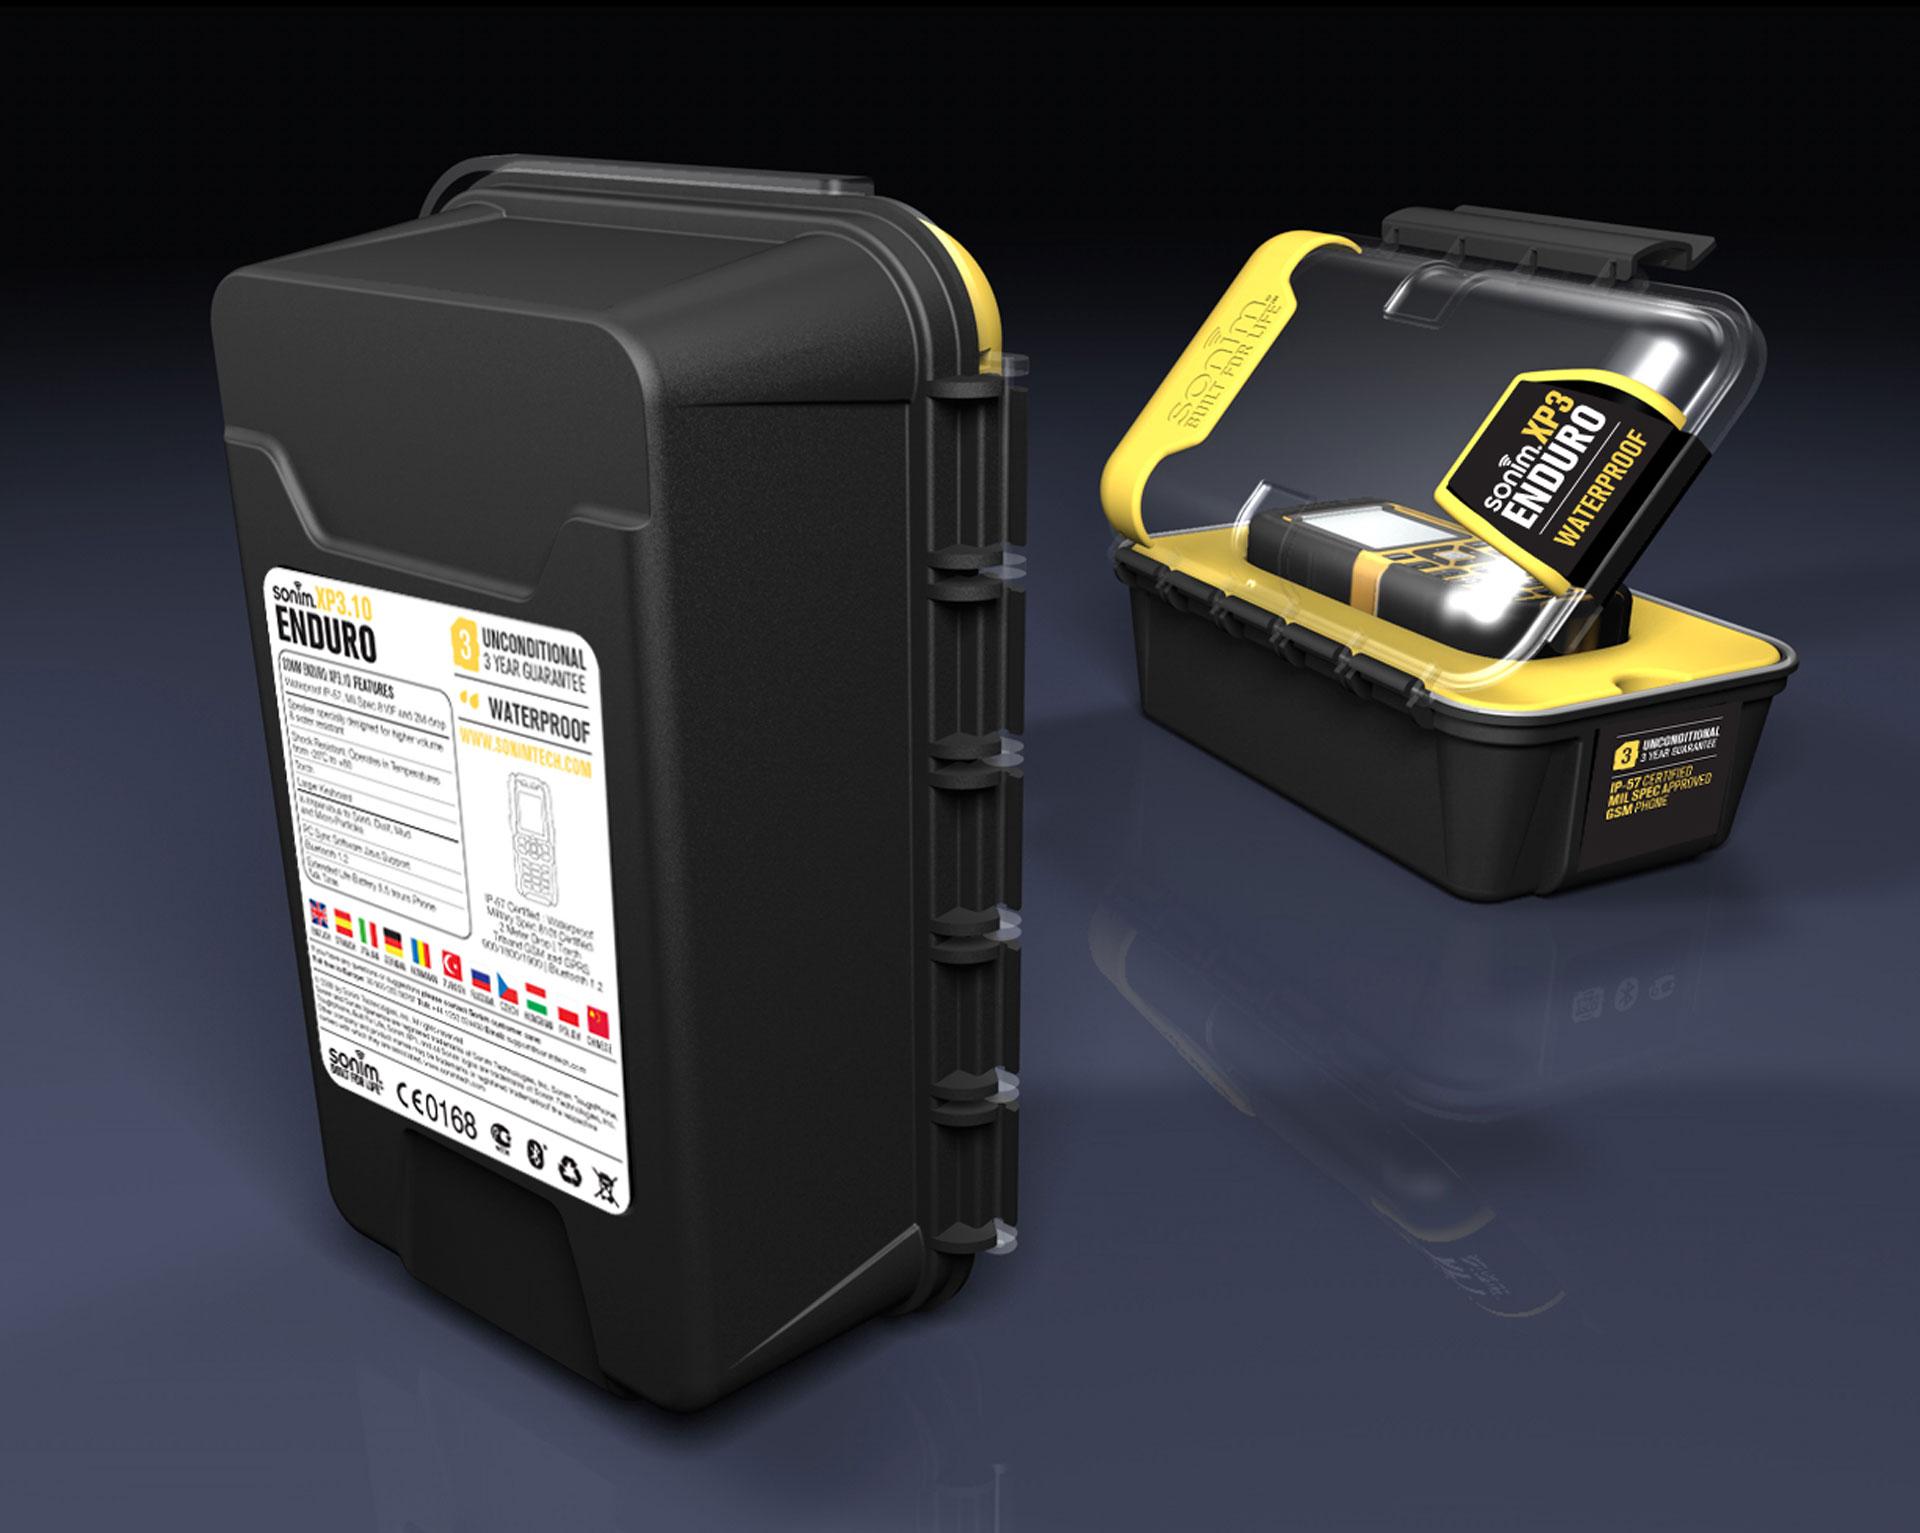 Sonim_Package-Design_עיצוב-אריזות_טלפון-חכם